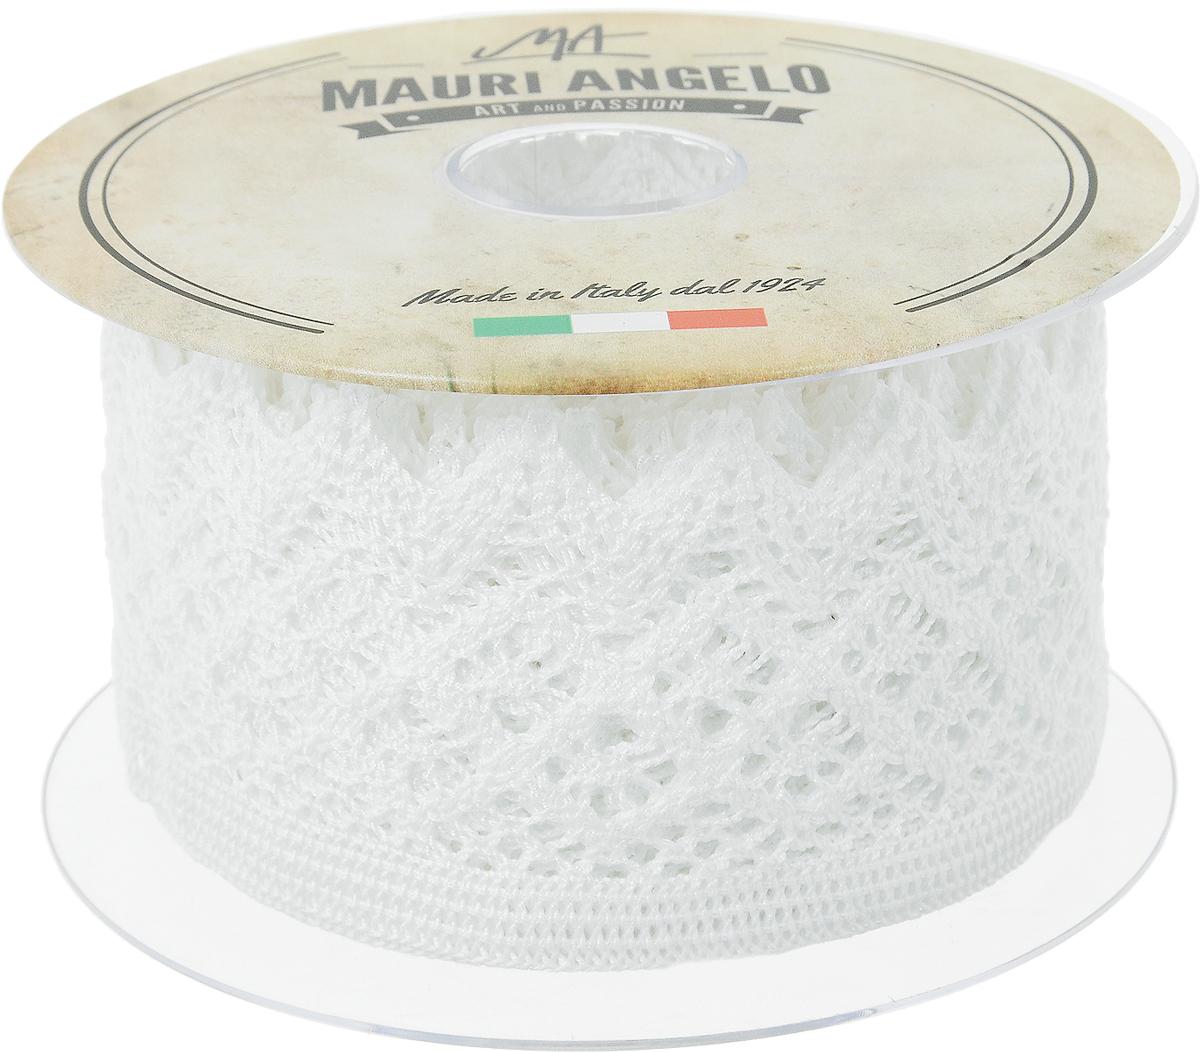 Лента кружевная Mauri Angelo, цвет: белый, 5,9 см х 10 мMR4133_белыйДекоративная кружевная лента Mauri Angelo - текстильное изделие без тканой основы, в котором ажурный орнамент и изображения образуются в результате переплетения нитей. Кружево применяется для отделки одежды, белья в виде окаймления или вставок, а также в оформлении интерьера, декоративных панно, скатертей, тюлей, покрывал. Главные особенности кружева - воздушность, тонкость, эластичность, узорность. Декоративная кружевная лента Mauri Angelo станет незаменимым элементом в создании рукотворного шедевра. Ширина: 5,9 см. Длина: 10 м.